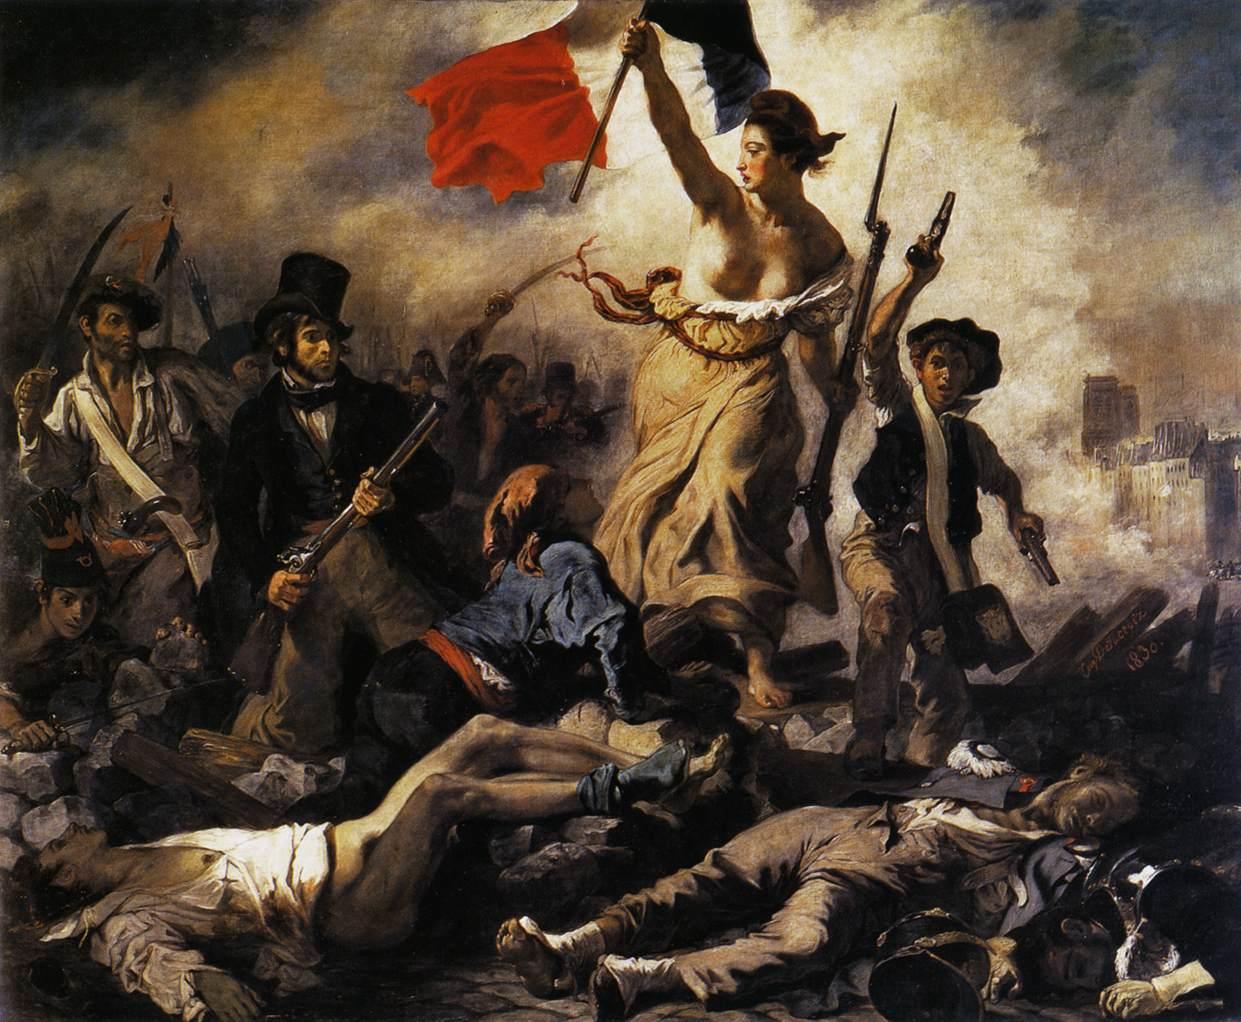 La Liberté guidant le peuple de Delacroix au Louvre-Lens ?